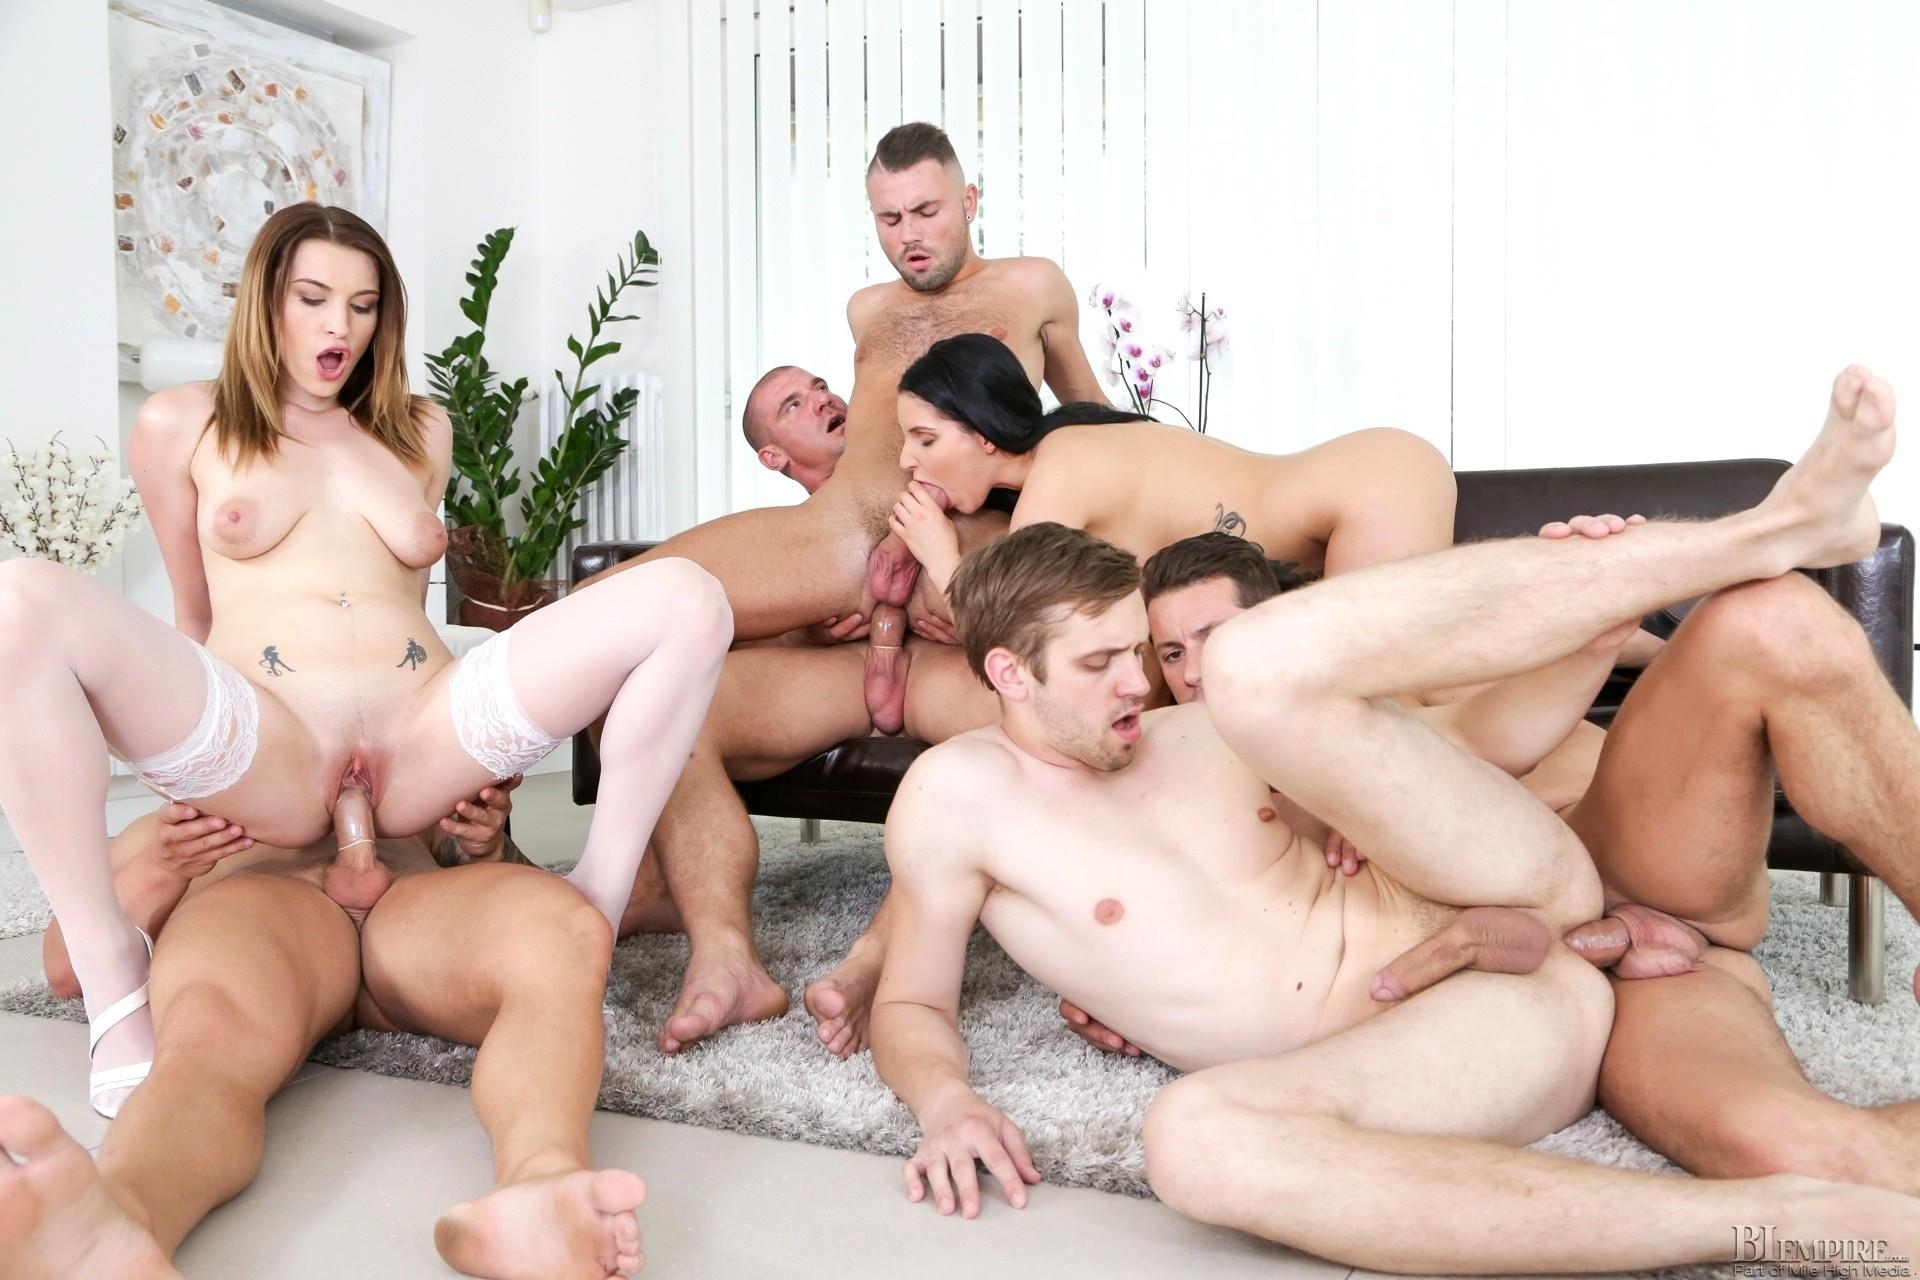 Bisexual Gay Galery Pics